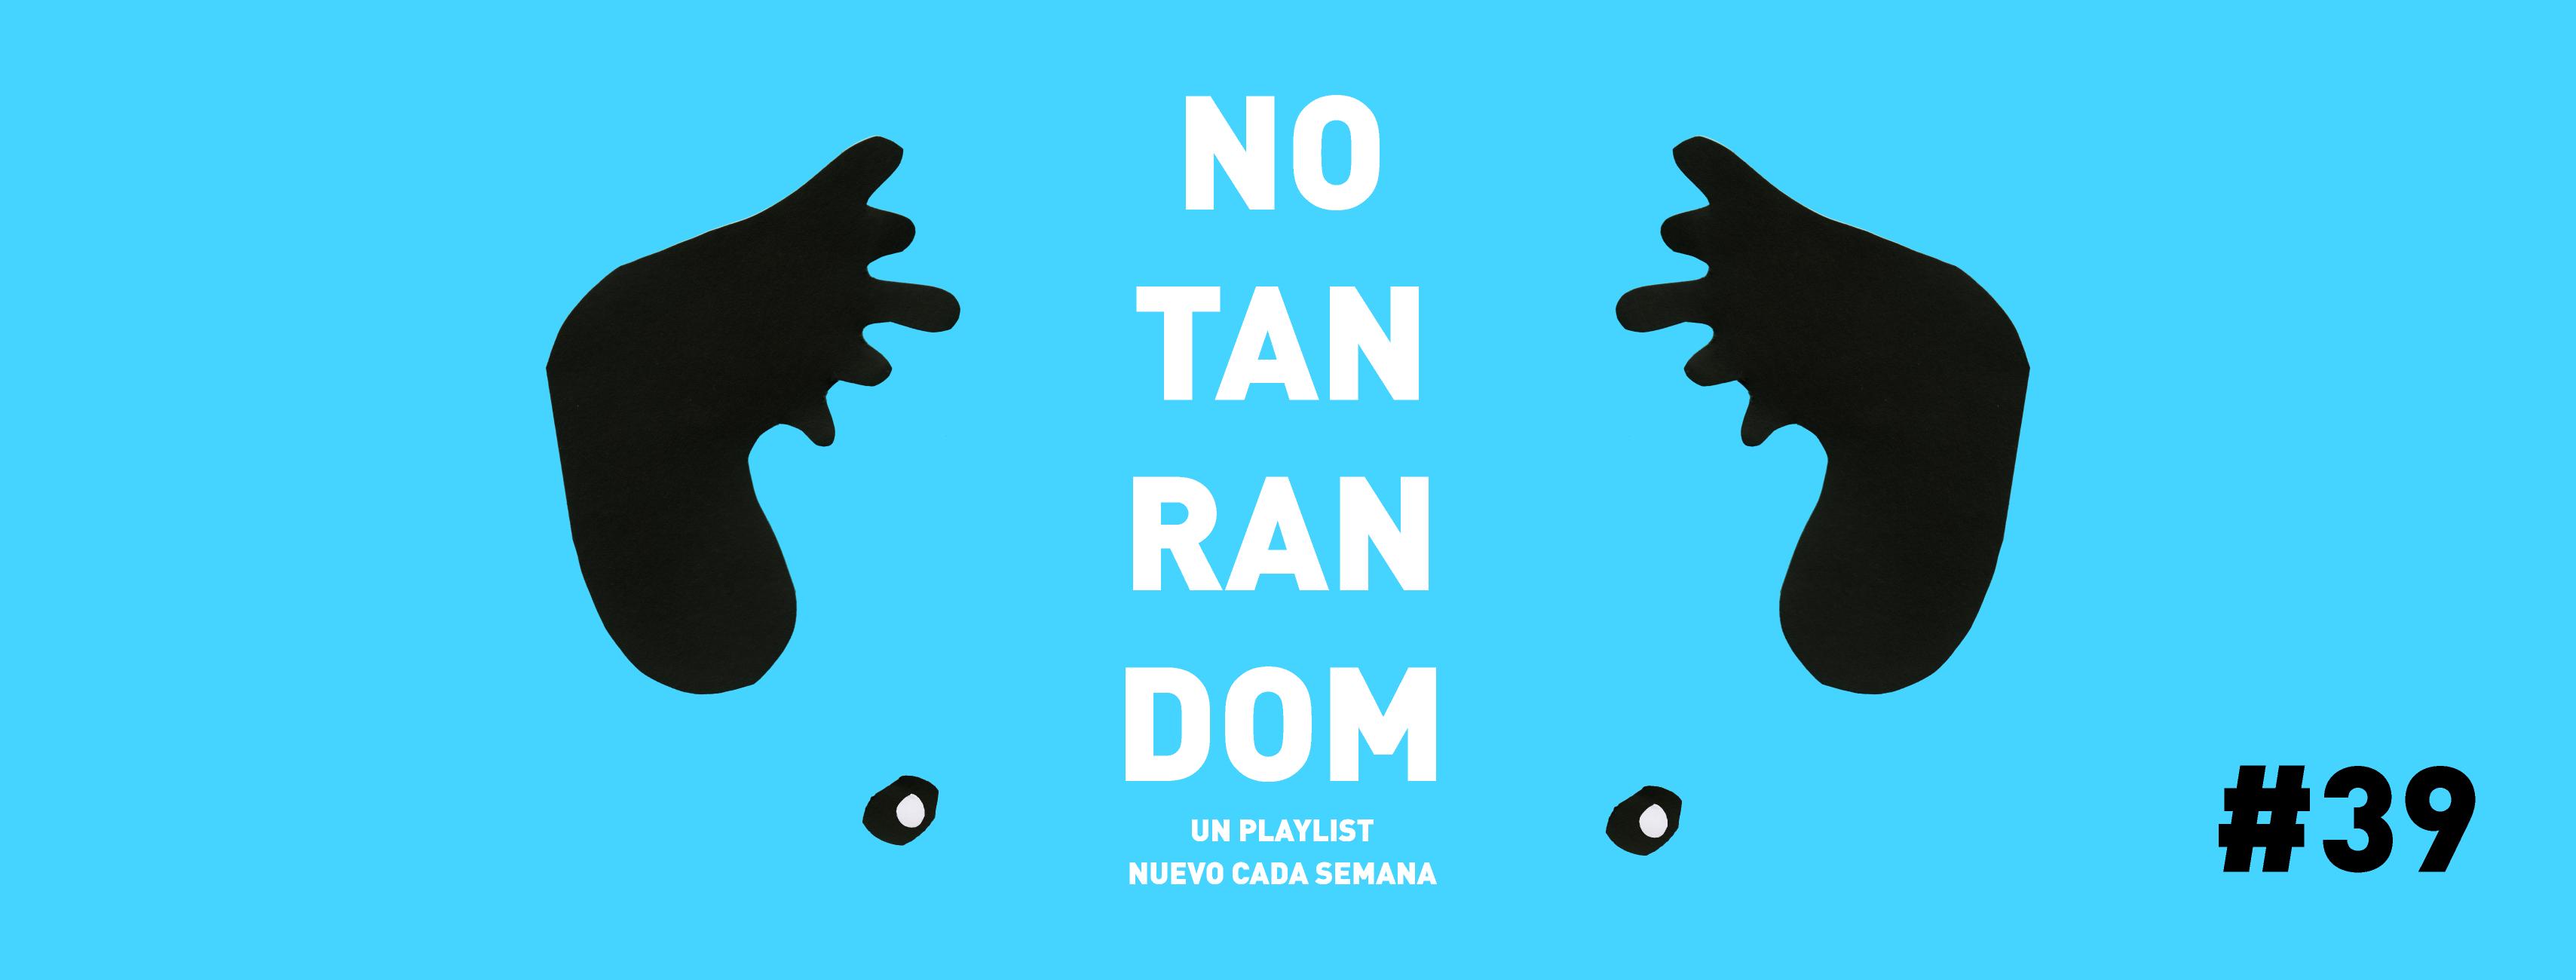 No tan random #39